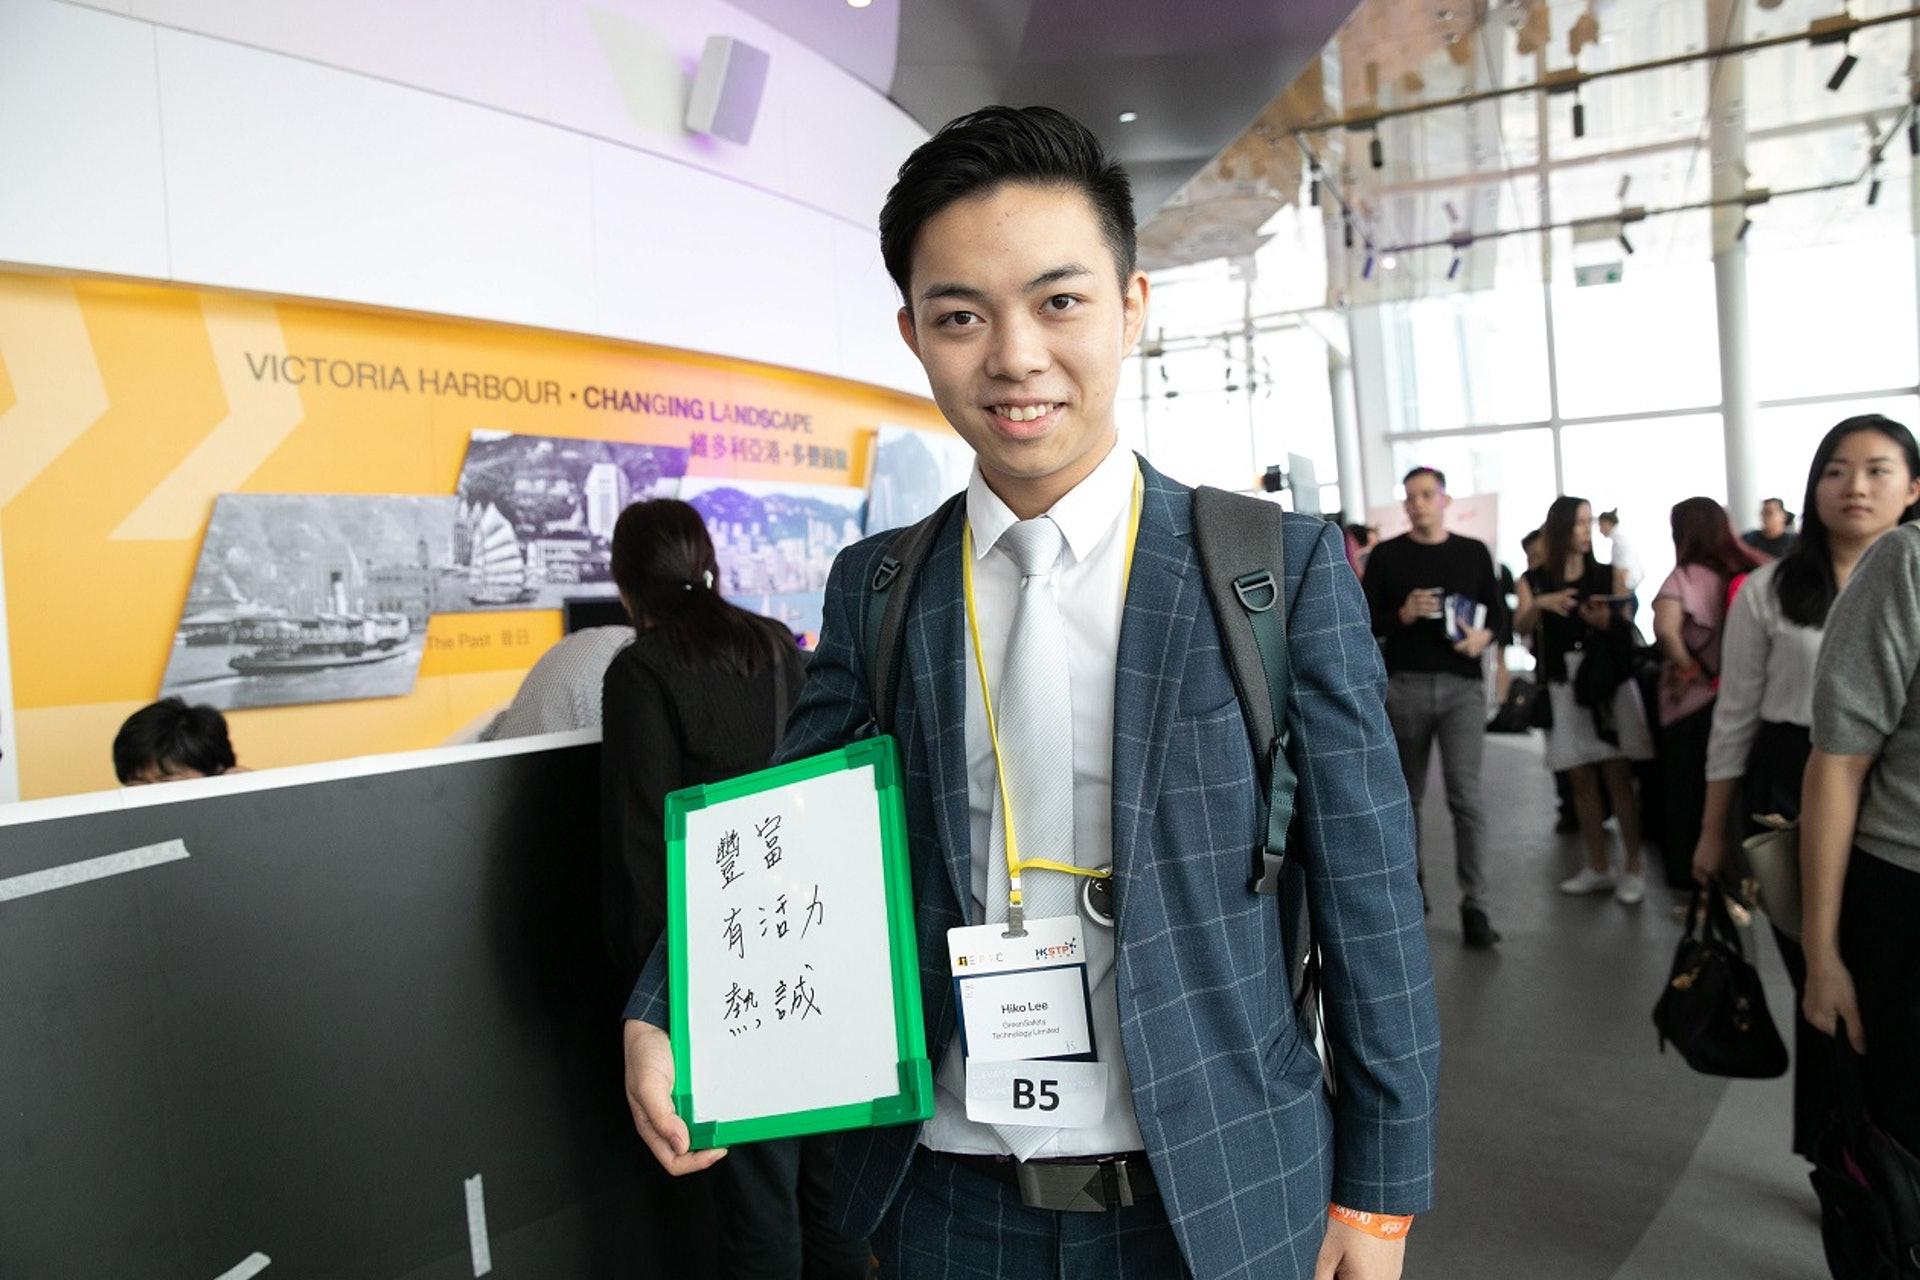 【豐富、有活力、熱誠】本地創企GreenSafety的客戶主任Hiko代表公司出賽,他笑指自己都有一股創業的心,透過這次活動,也再一次感到香港的創業生態圈充滿機遇。